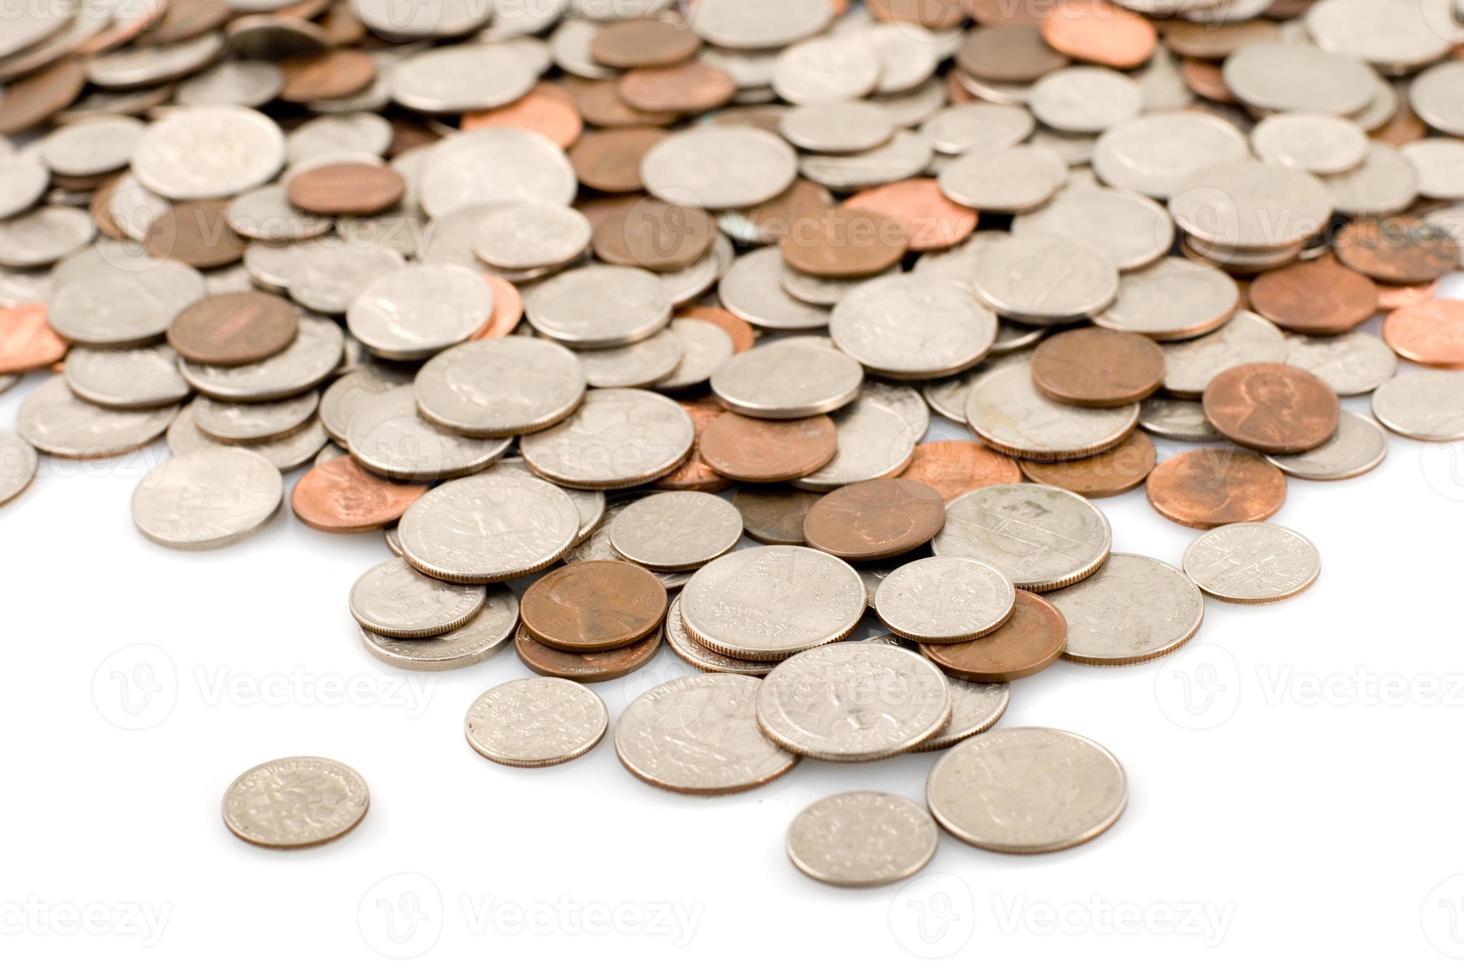 Münzfluss foto